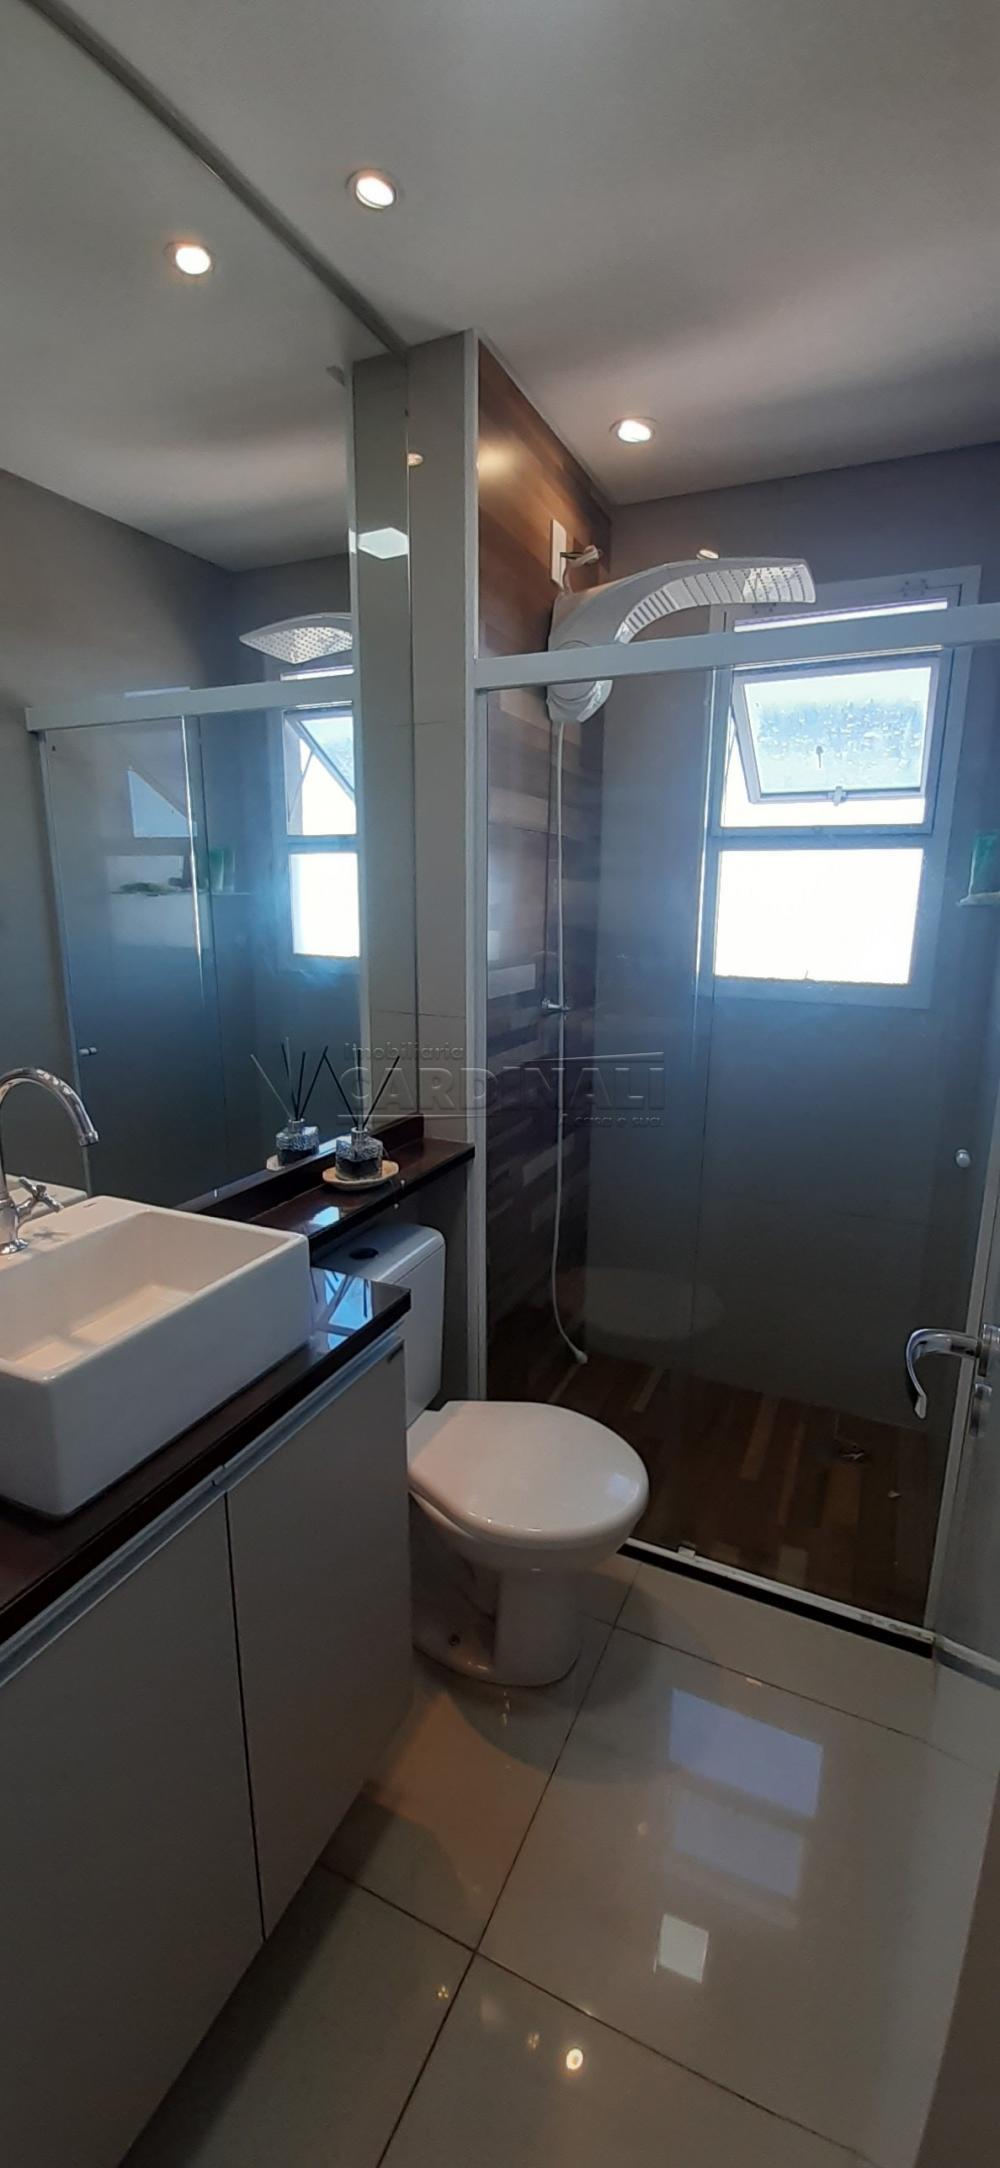 Comprar Apartamento / Padrão em São Carlos R$ 225.000,00 - Foto 21